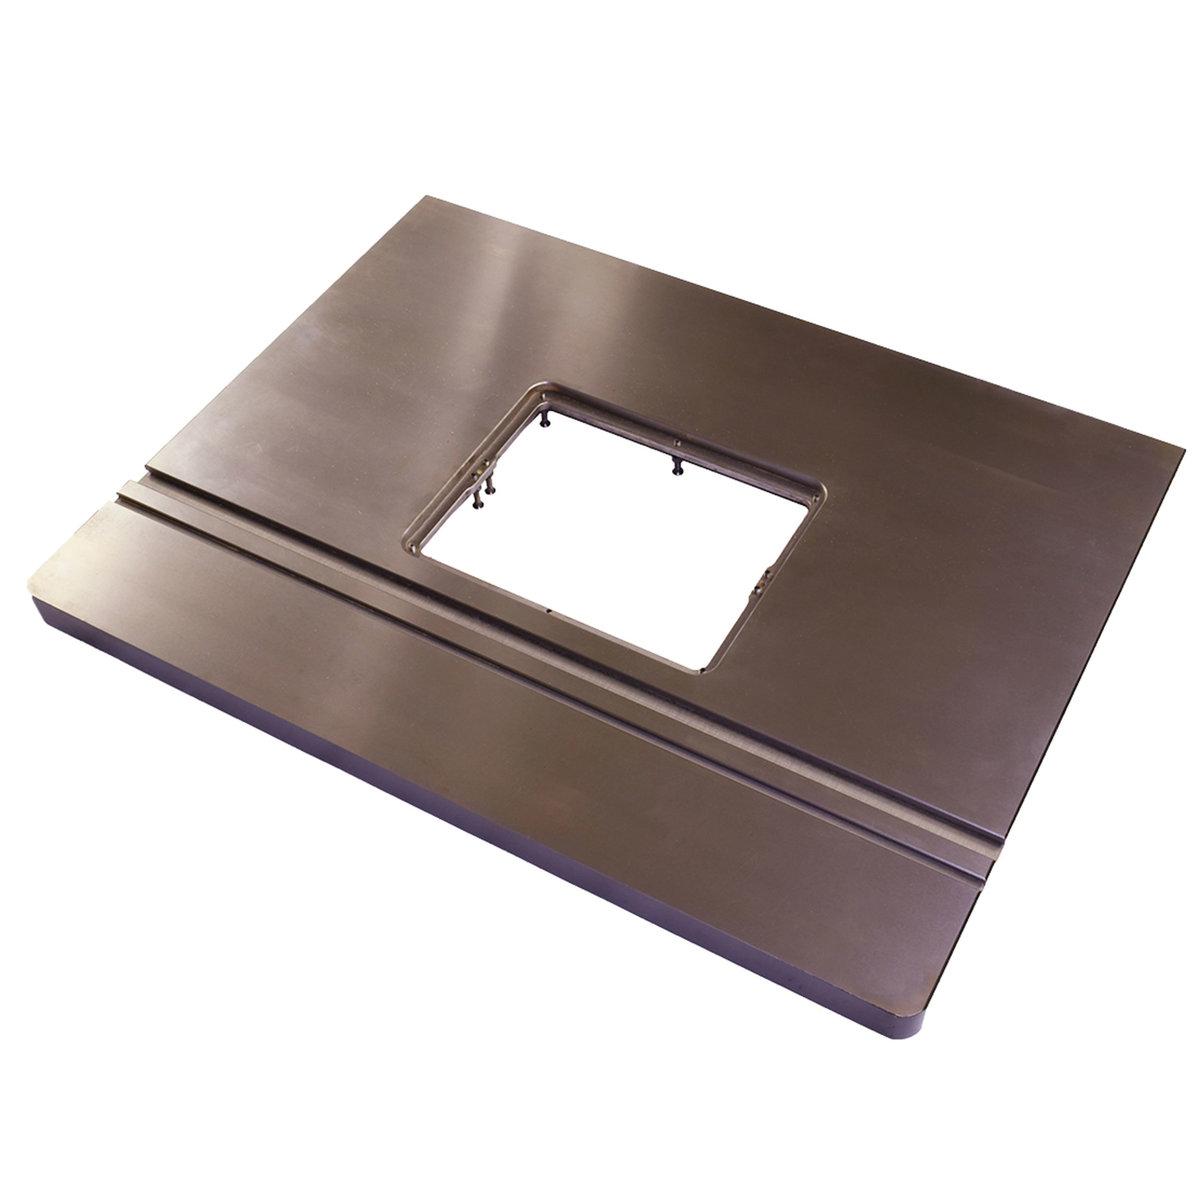 หน้าโต๊ะเร้าเตอร์เหล็กหล่อ หนัก 45 กก